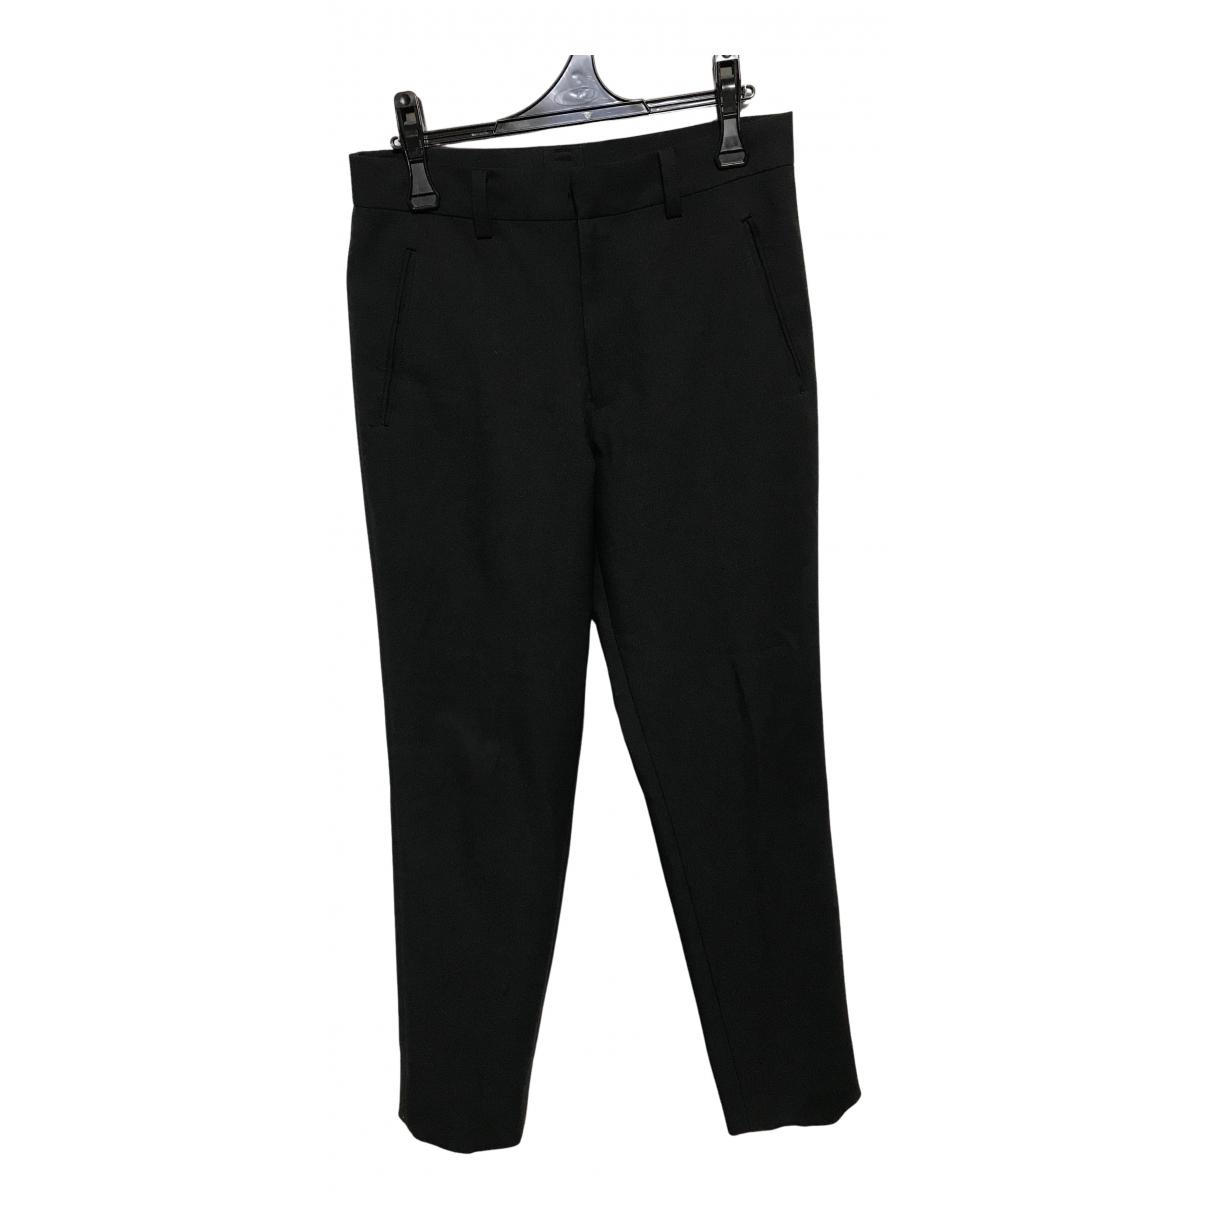 Jean Paul Gaultier N Black Wool Trousers for Men M International